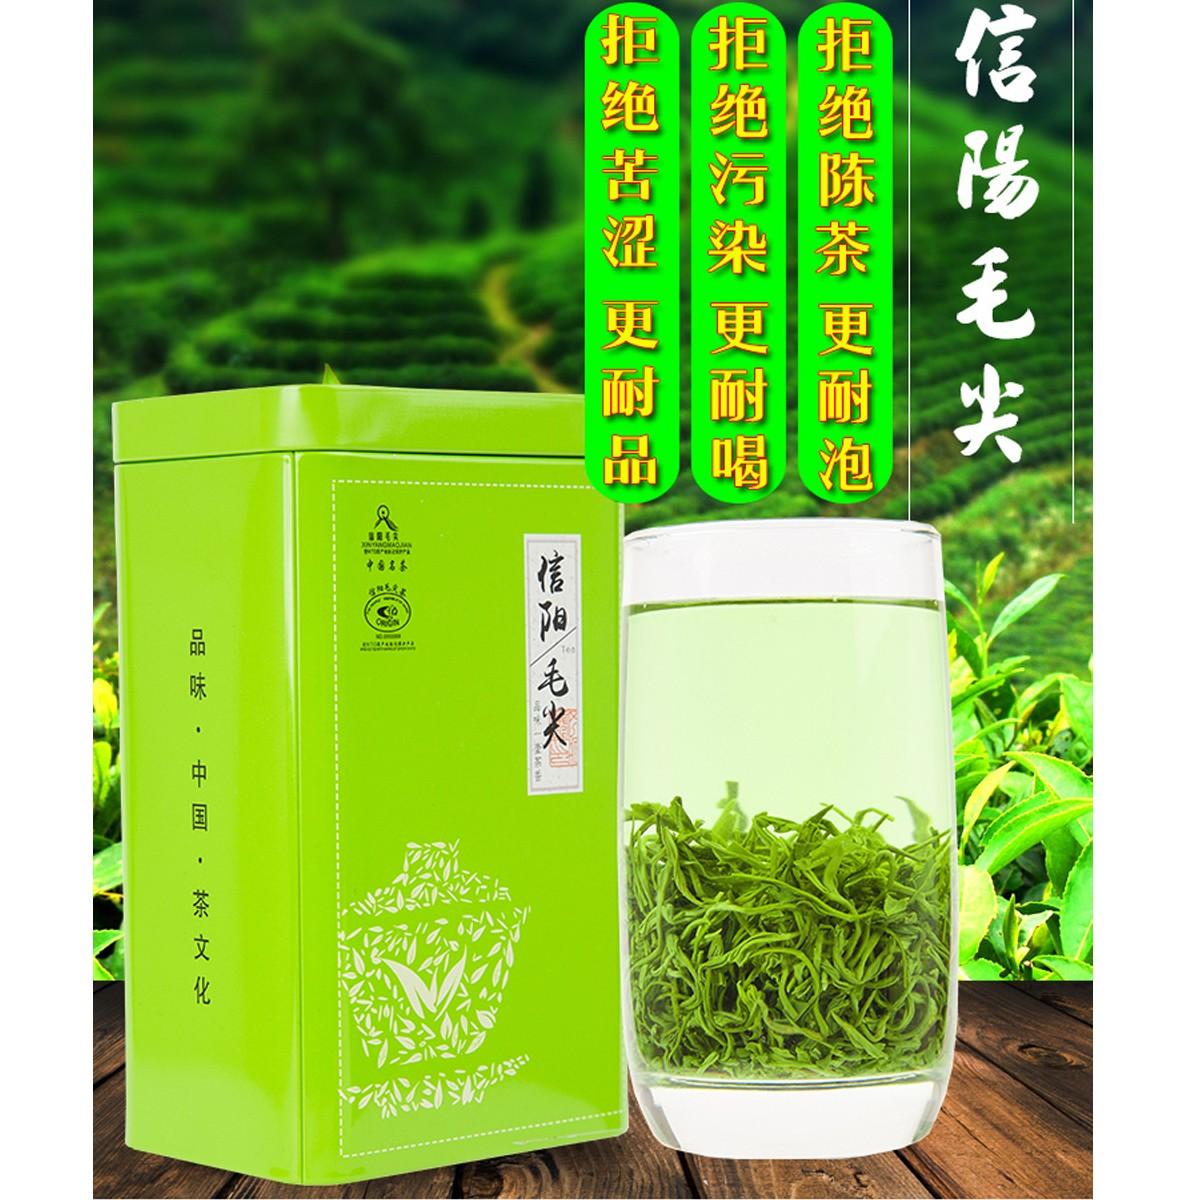 嫩芽手工浓香型卷叶绿茶250g